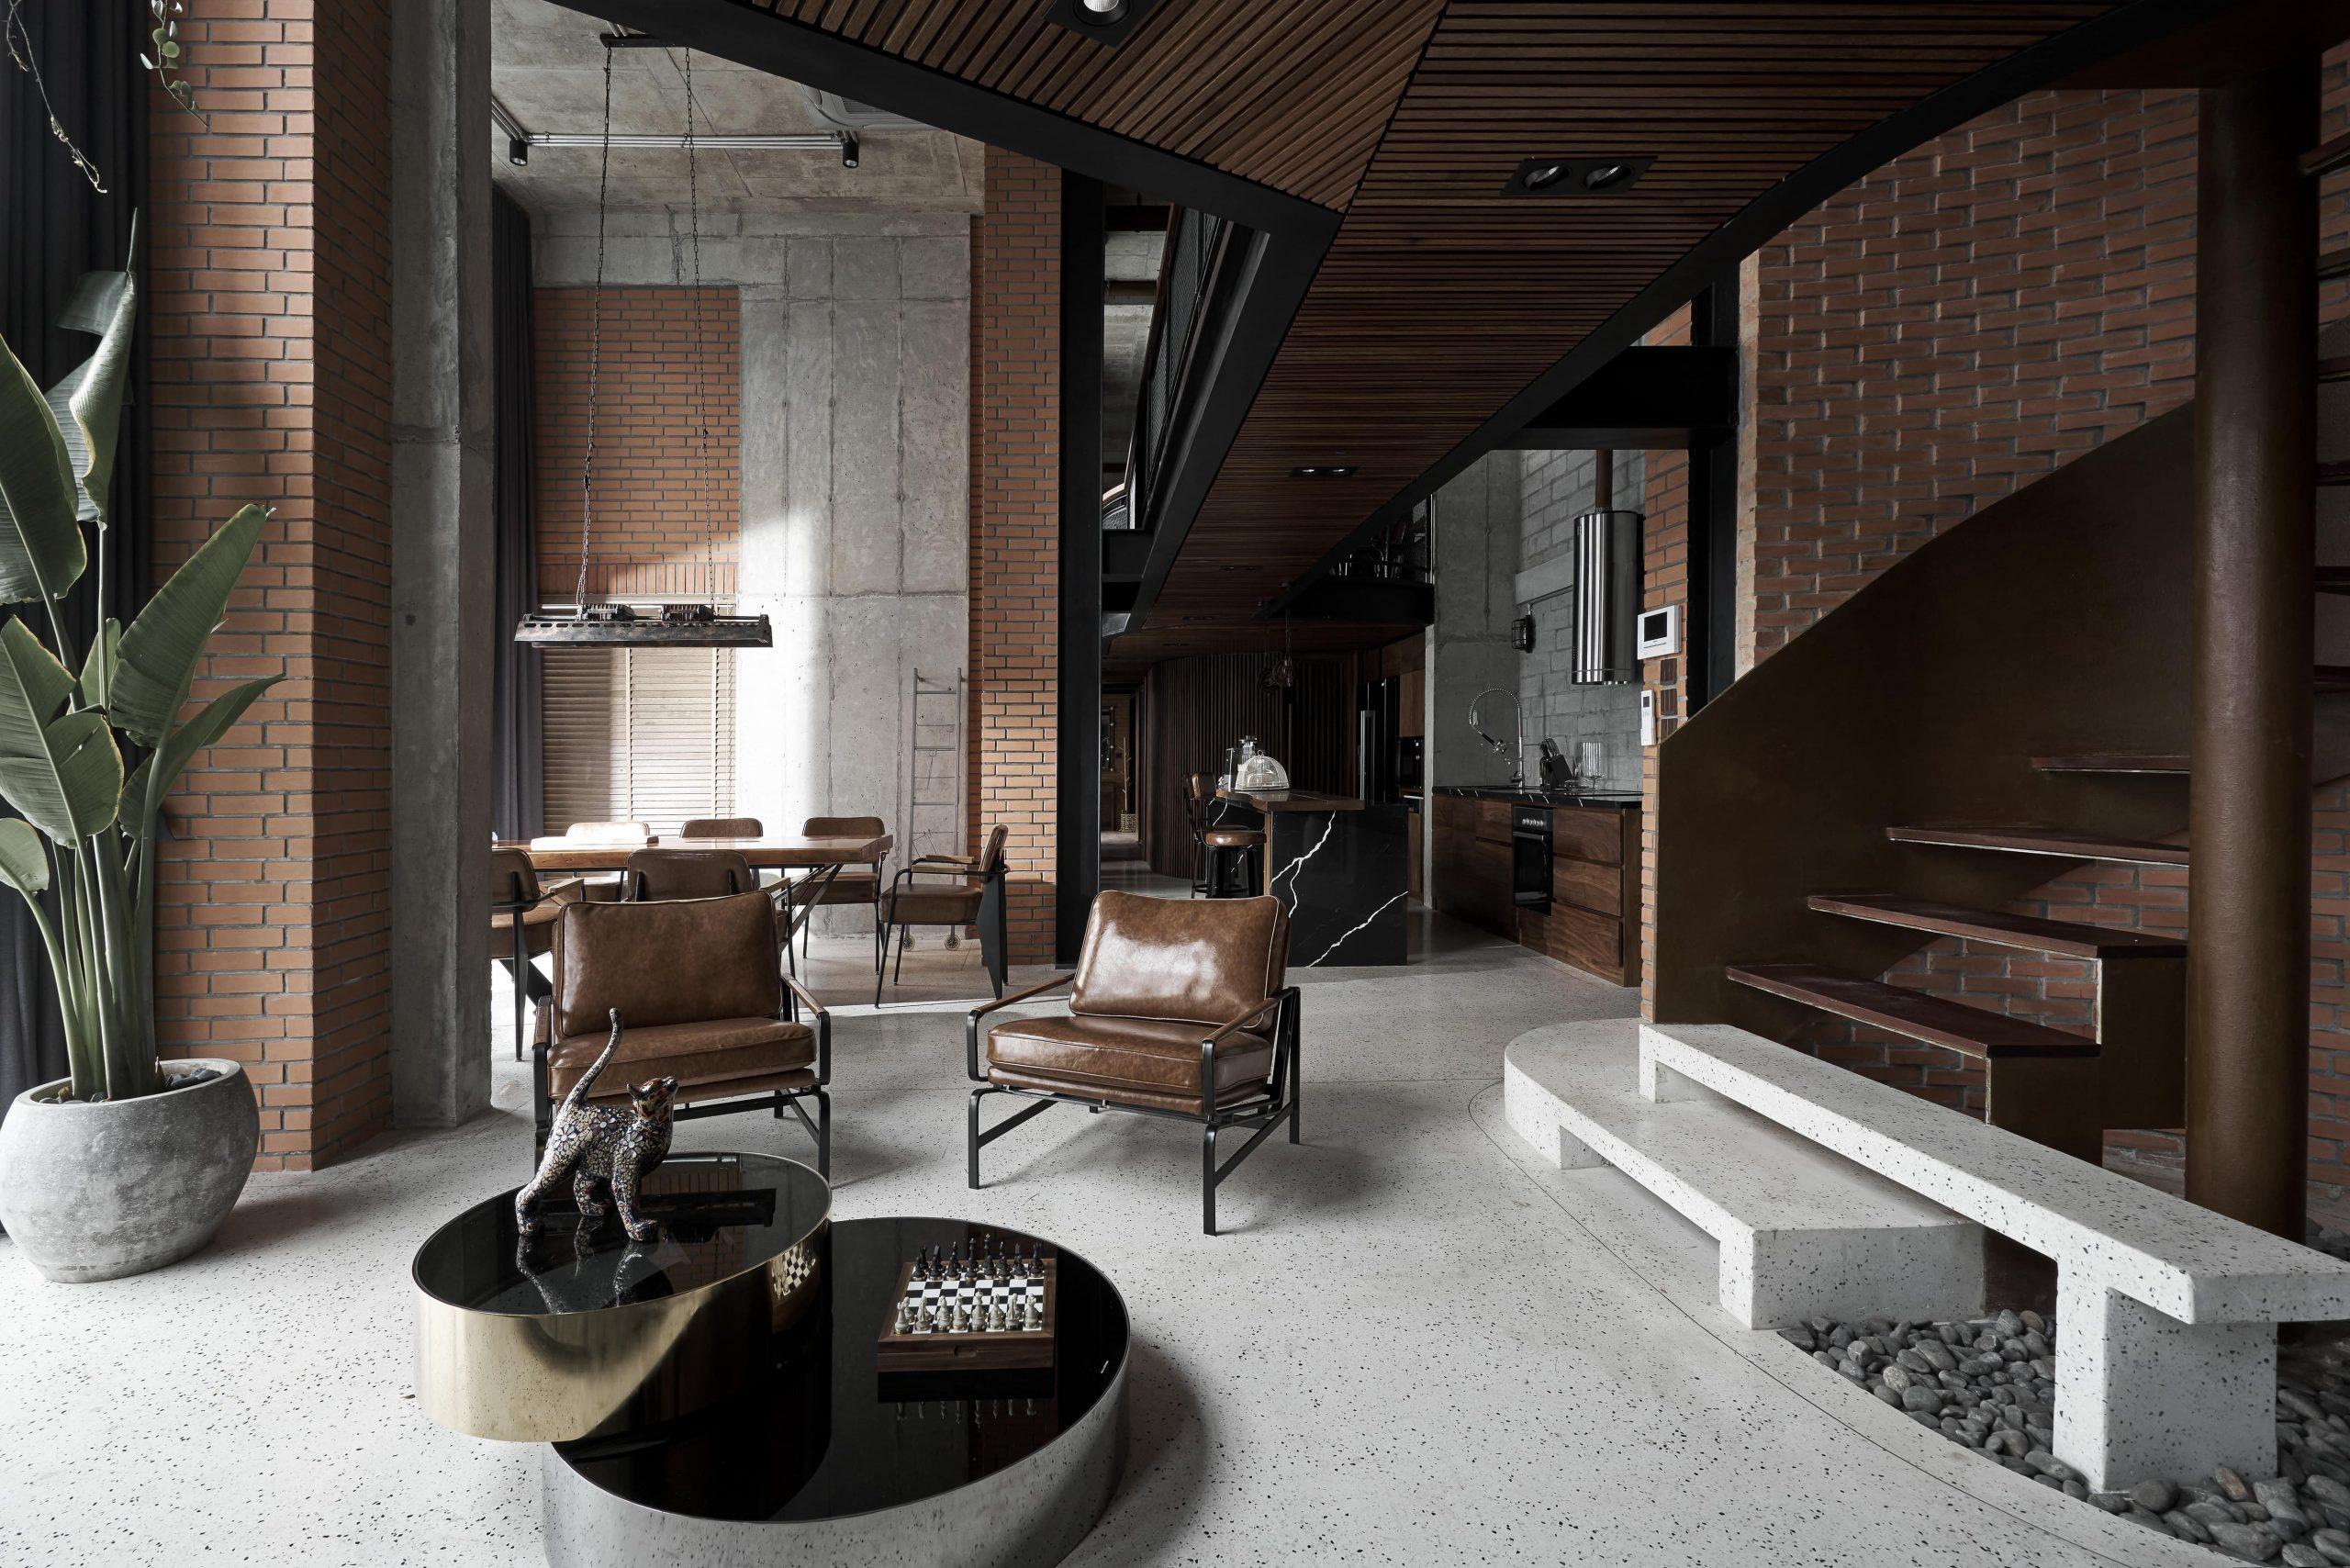 Cùng ngắm nhìn căn hộ penthouse đậm chất nghệ thuật ngay giữa lòng Hà Nội